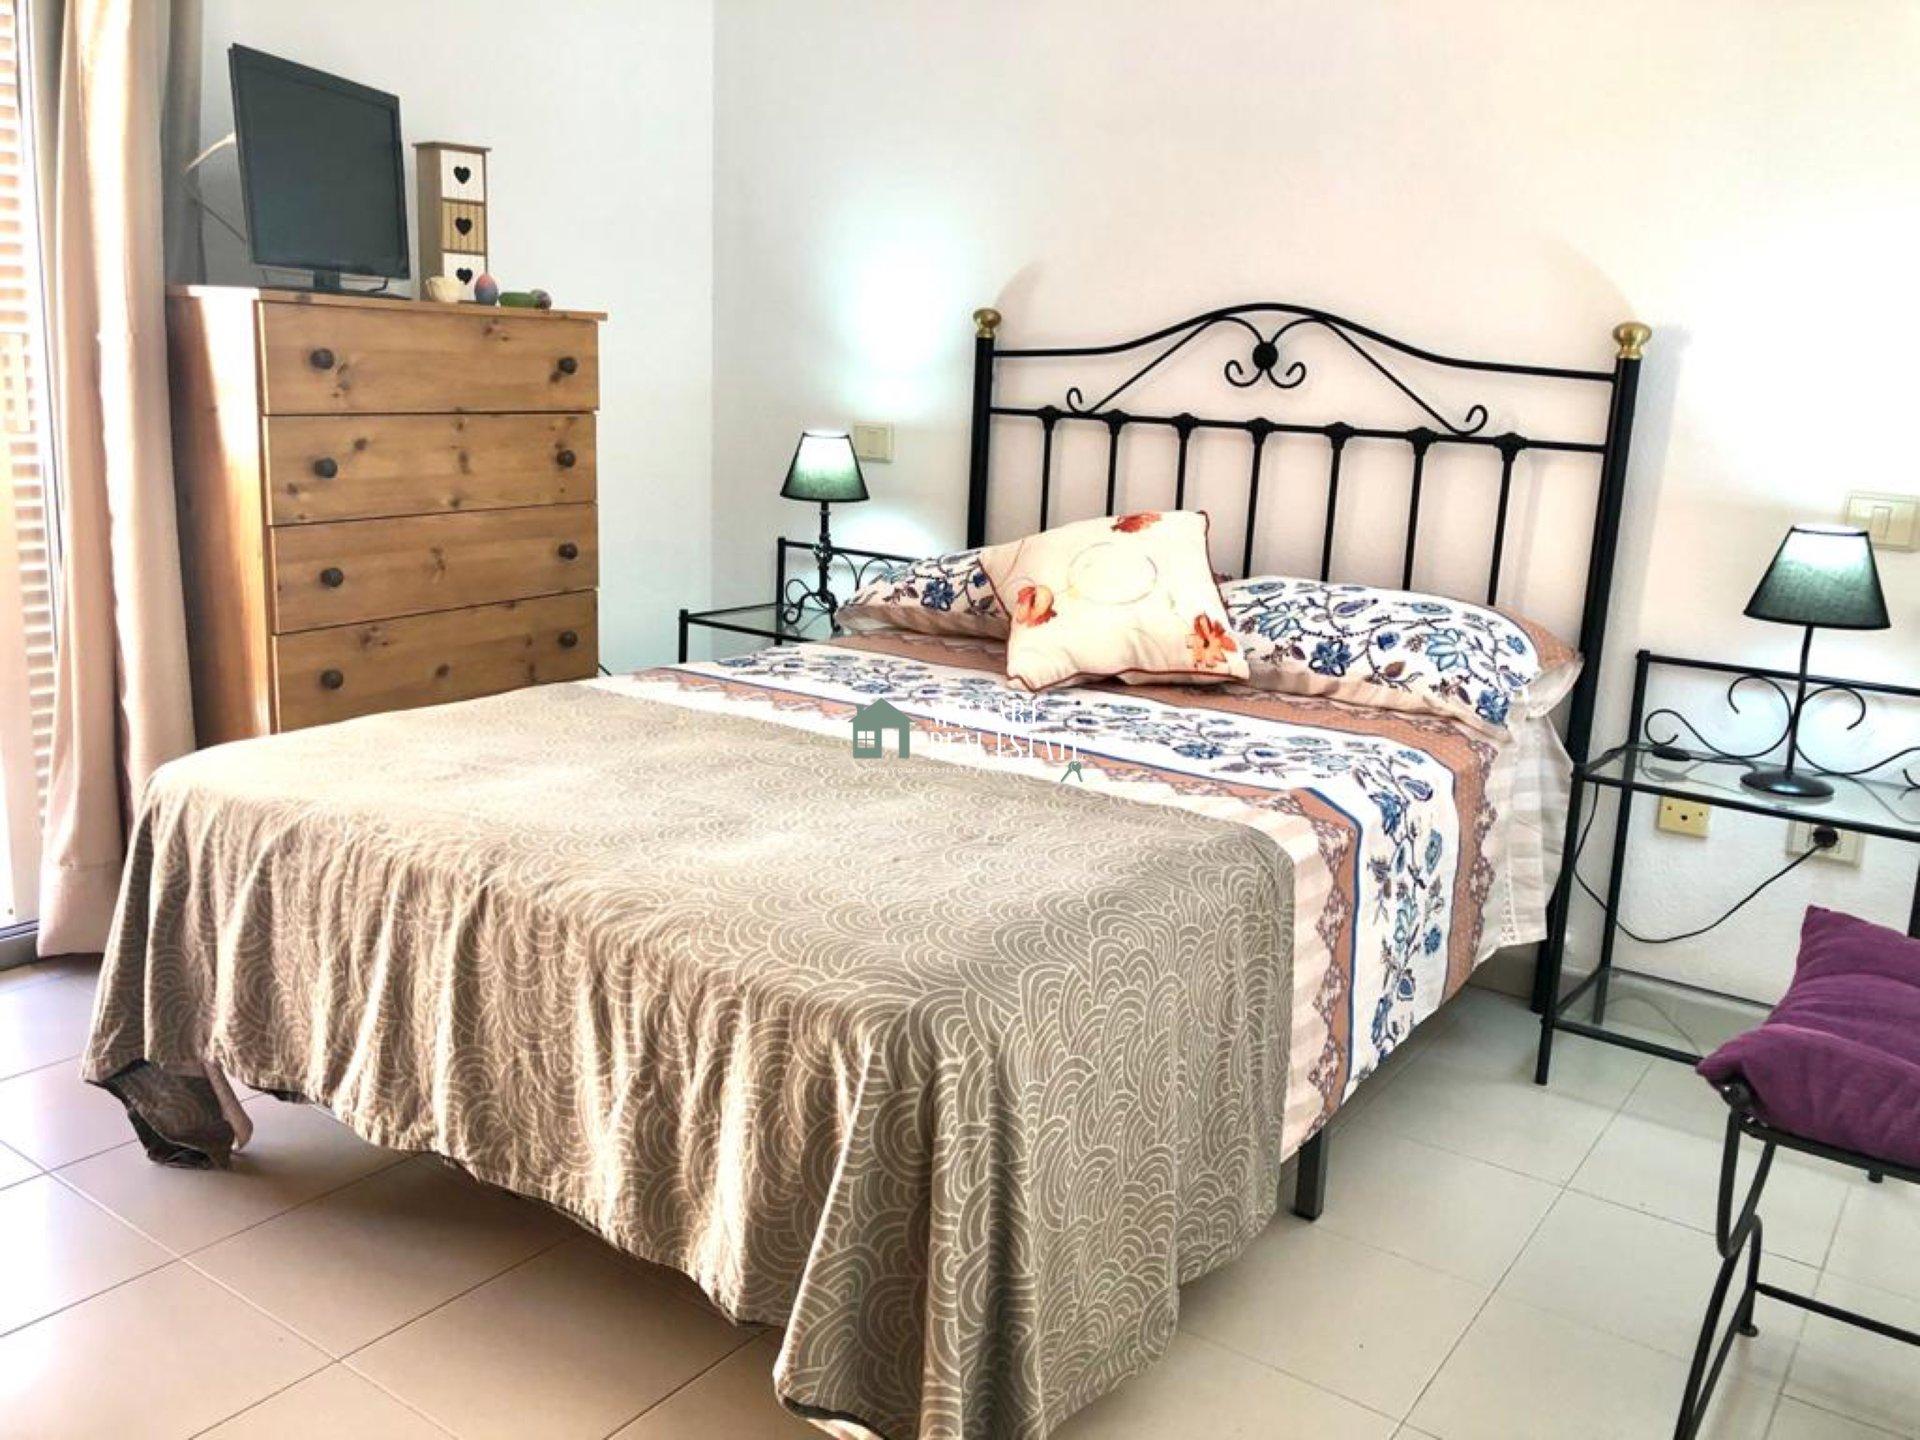 In affitto in una zona centrale di Adeje, Los Olivos, duplex completamente arredato in ottime condizioni.